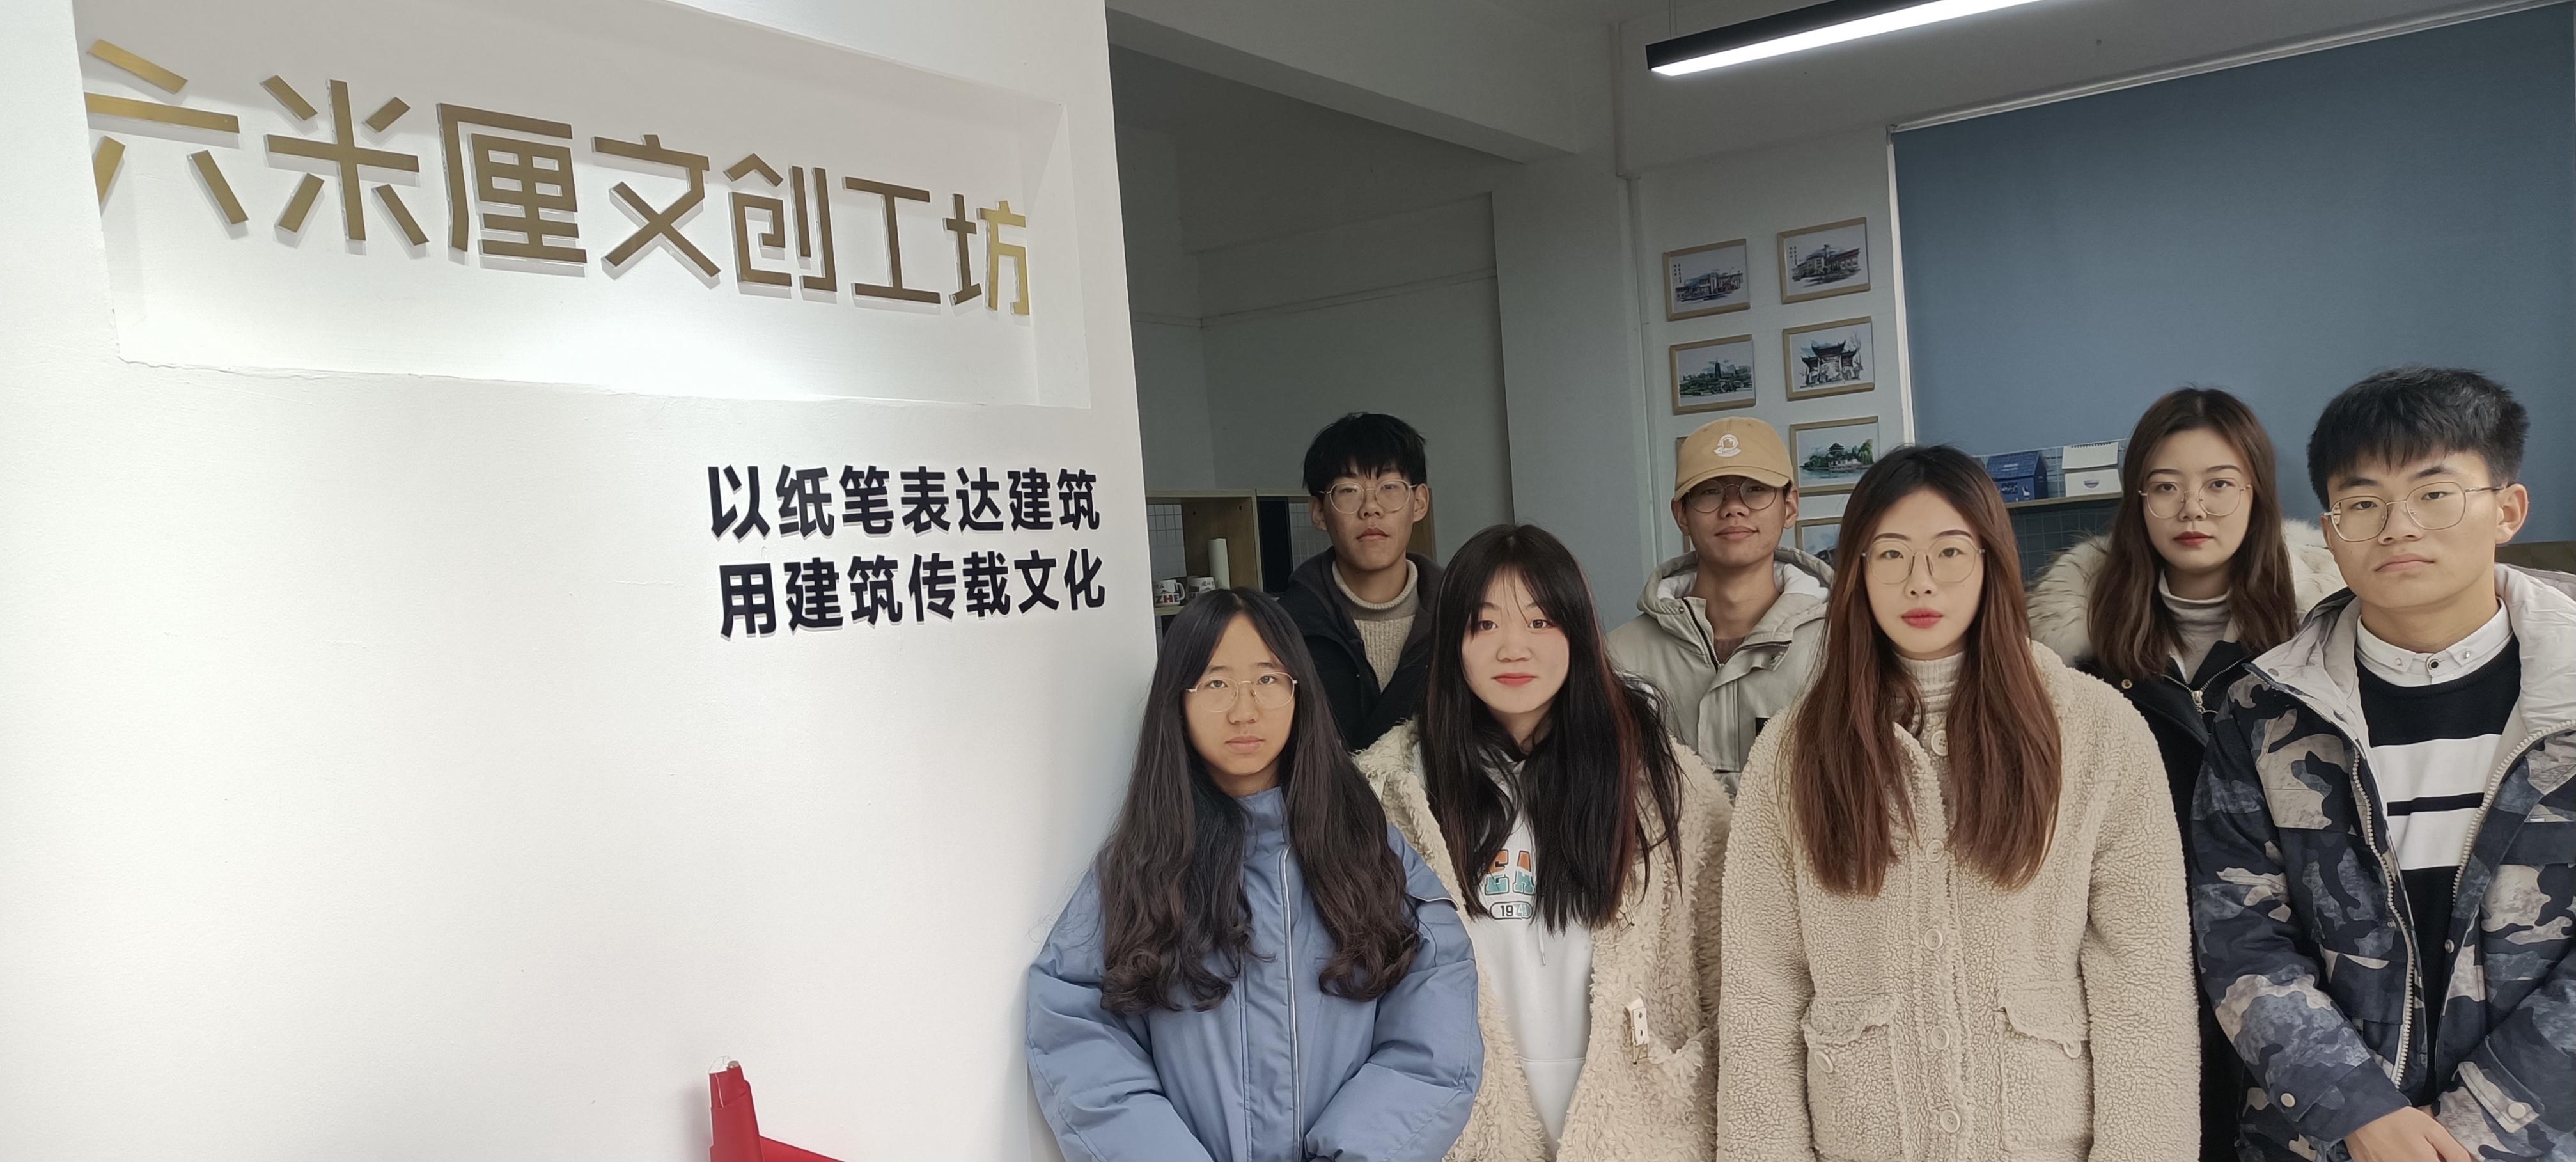 """喜报:我校2个创业项目获评""""2020年度江苏省大学生优秀创业项目"""""""